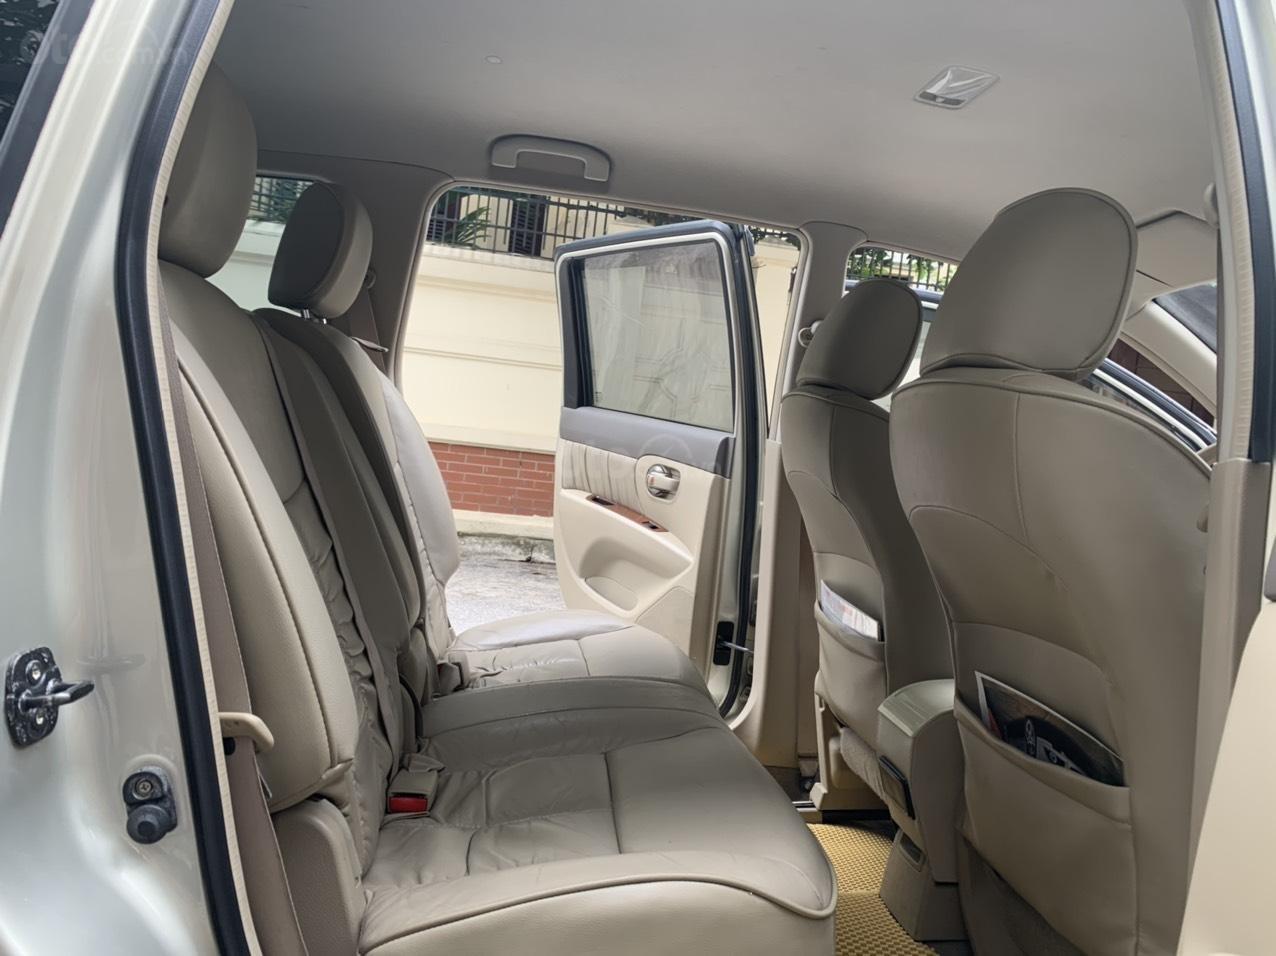 Bán Nissan Grand Livina năm 2011, số tự động 7 chỗ, chính chủ dùng (5)